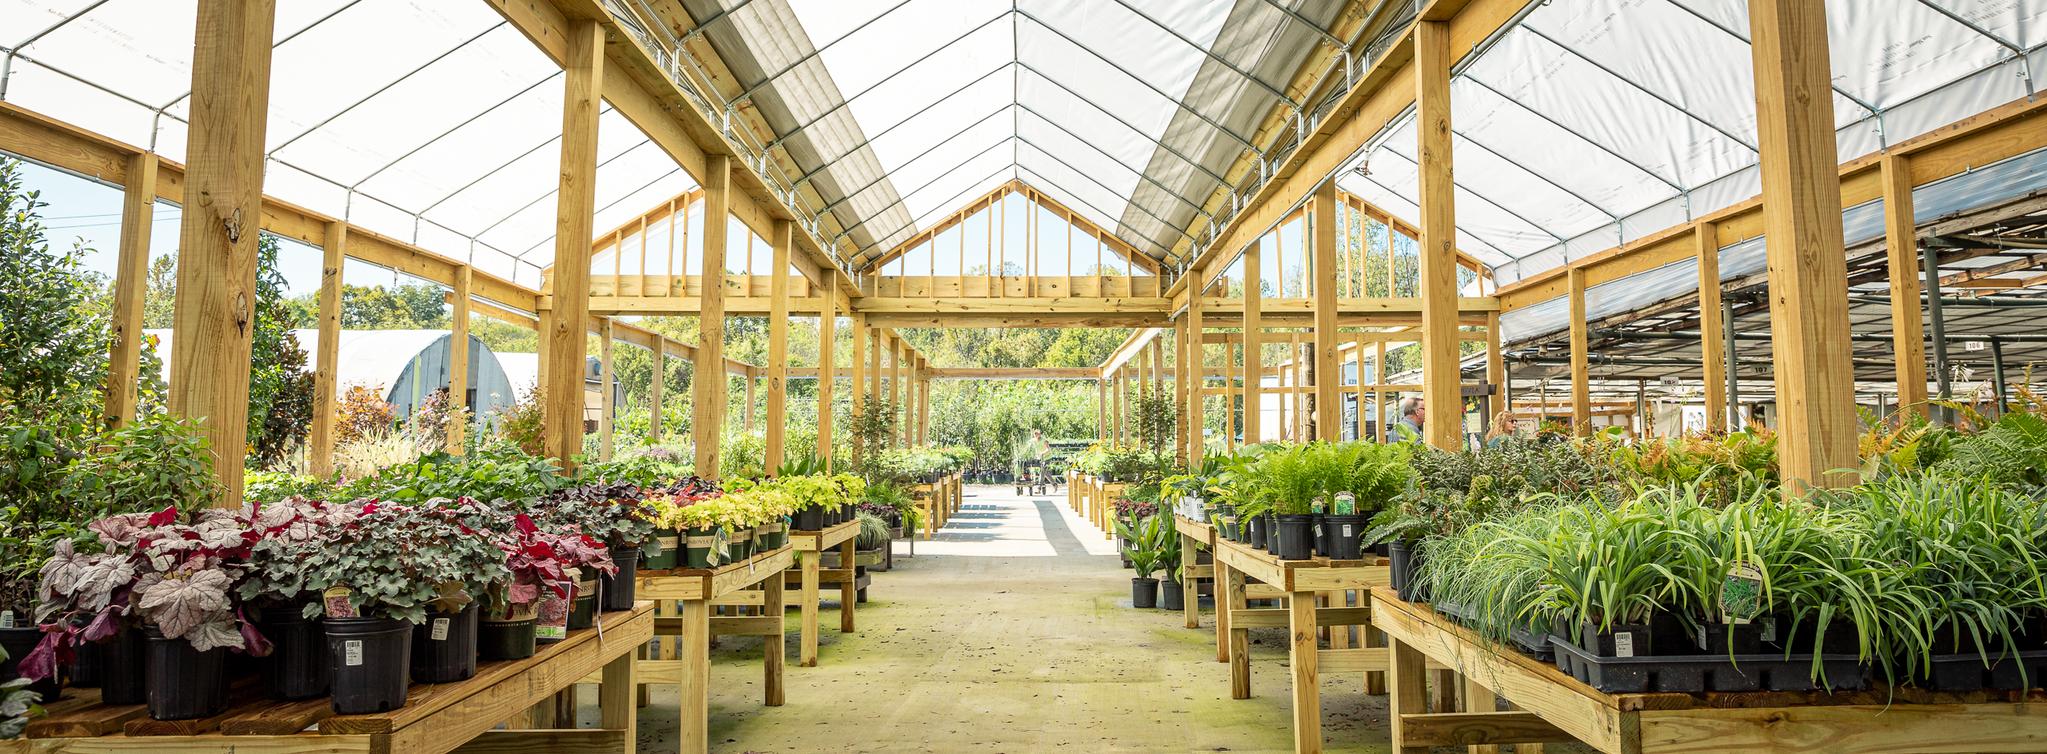 Bates Nursery & Garden Center